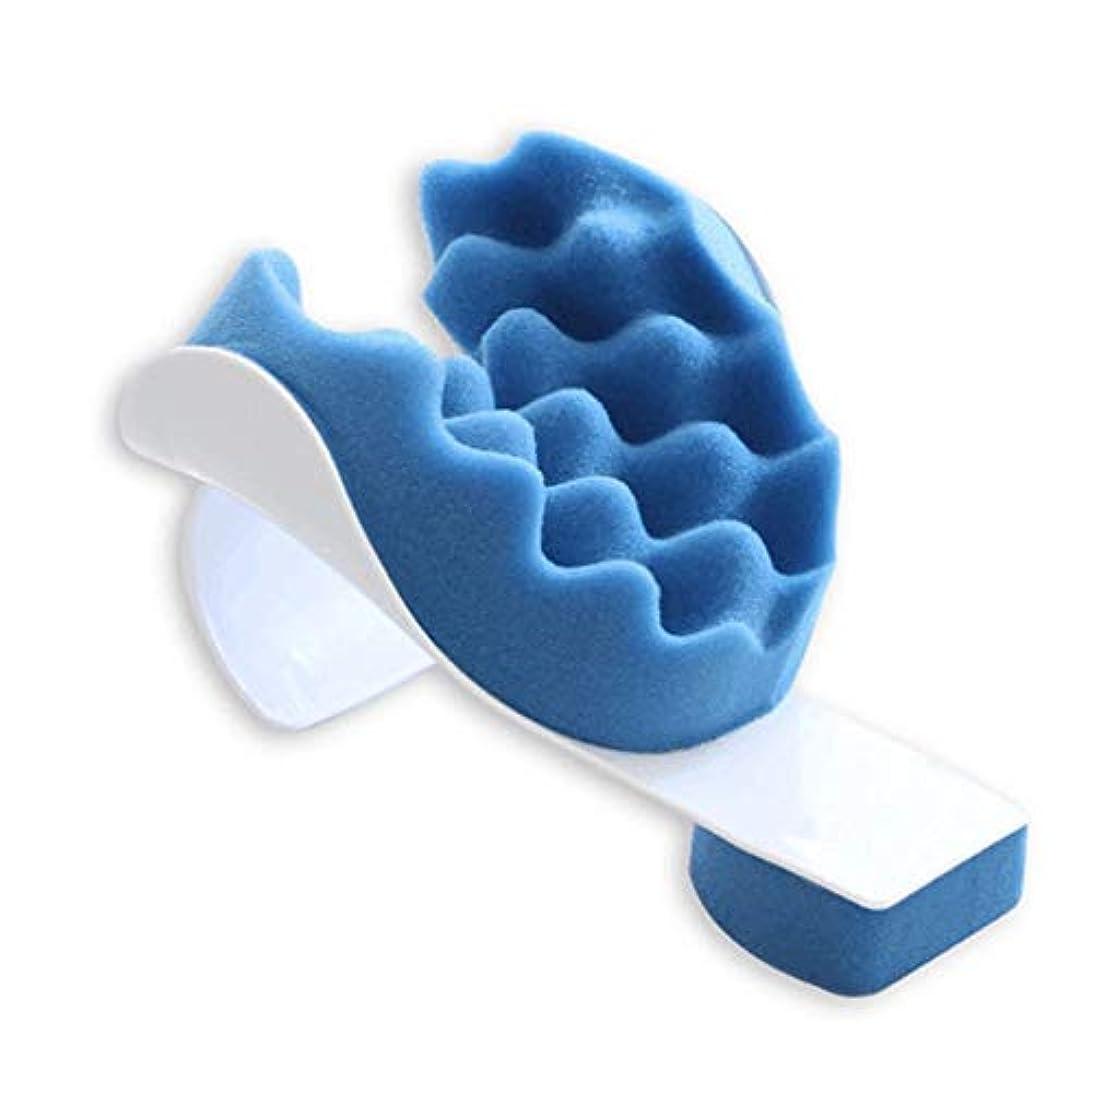 測るバック少しEsolom マッサージ枕 首と肩のリラクゼーション 首の痛みの緩和 サポート肩リラクゼーションマッサージ牽引枕 ポータブル 頭と首のマッサージ枕